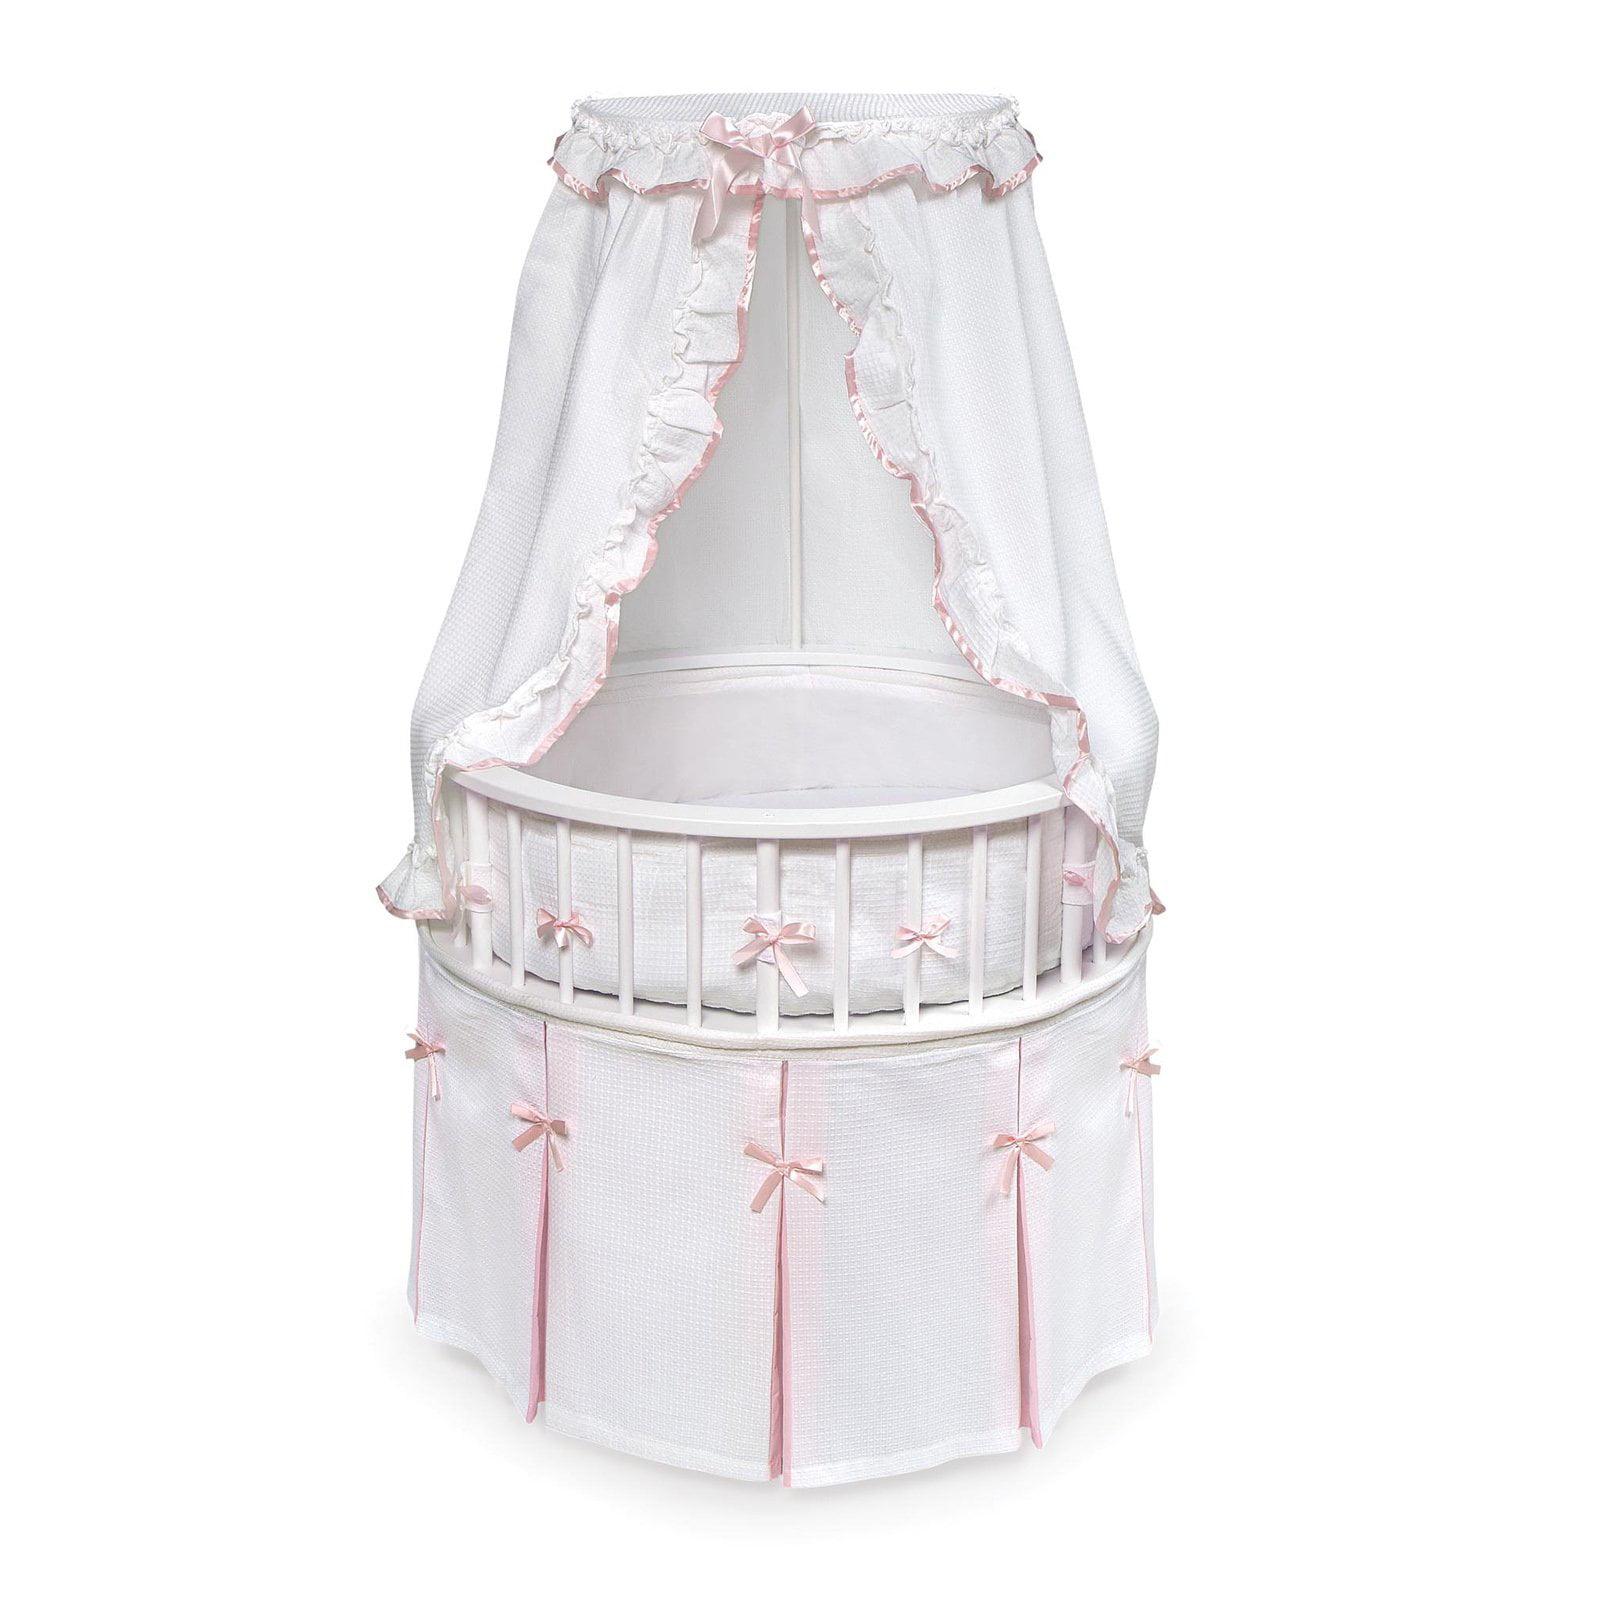 Badger Basket Elegance Bassinet, White With Sage Toile Bedding by Badger Basket